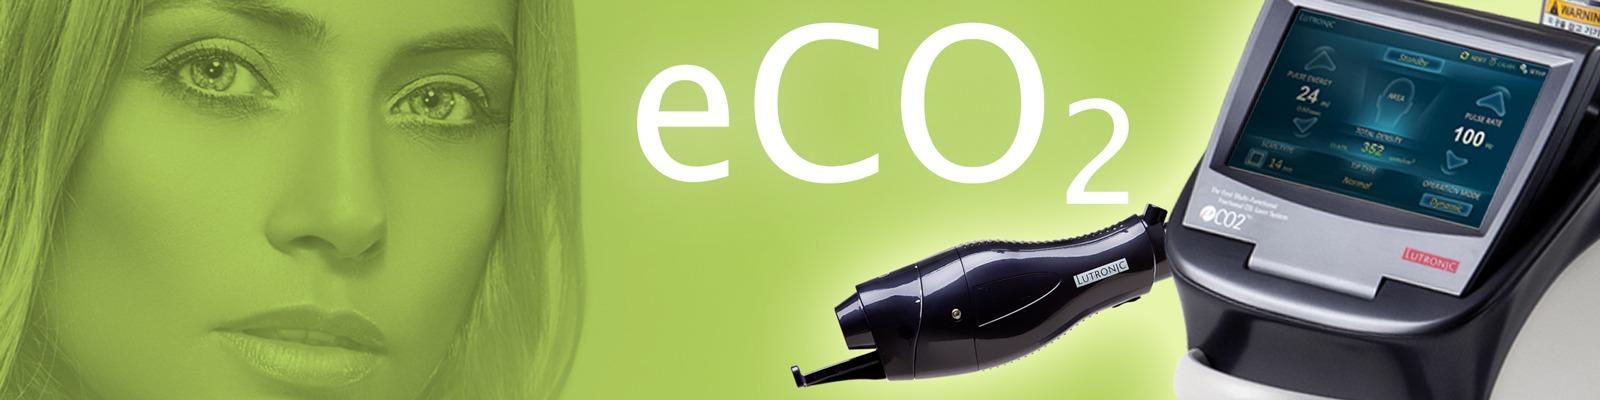 eCO2 Plus